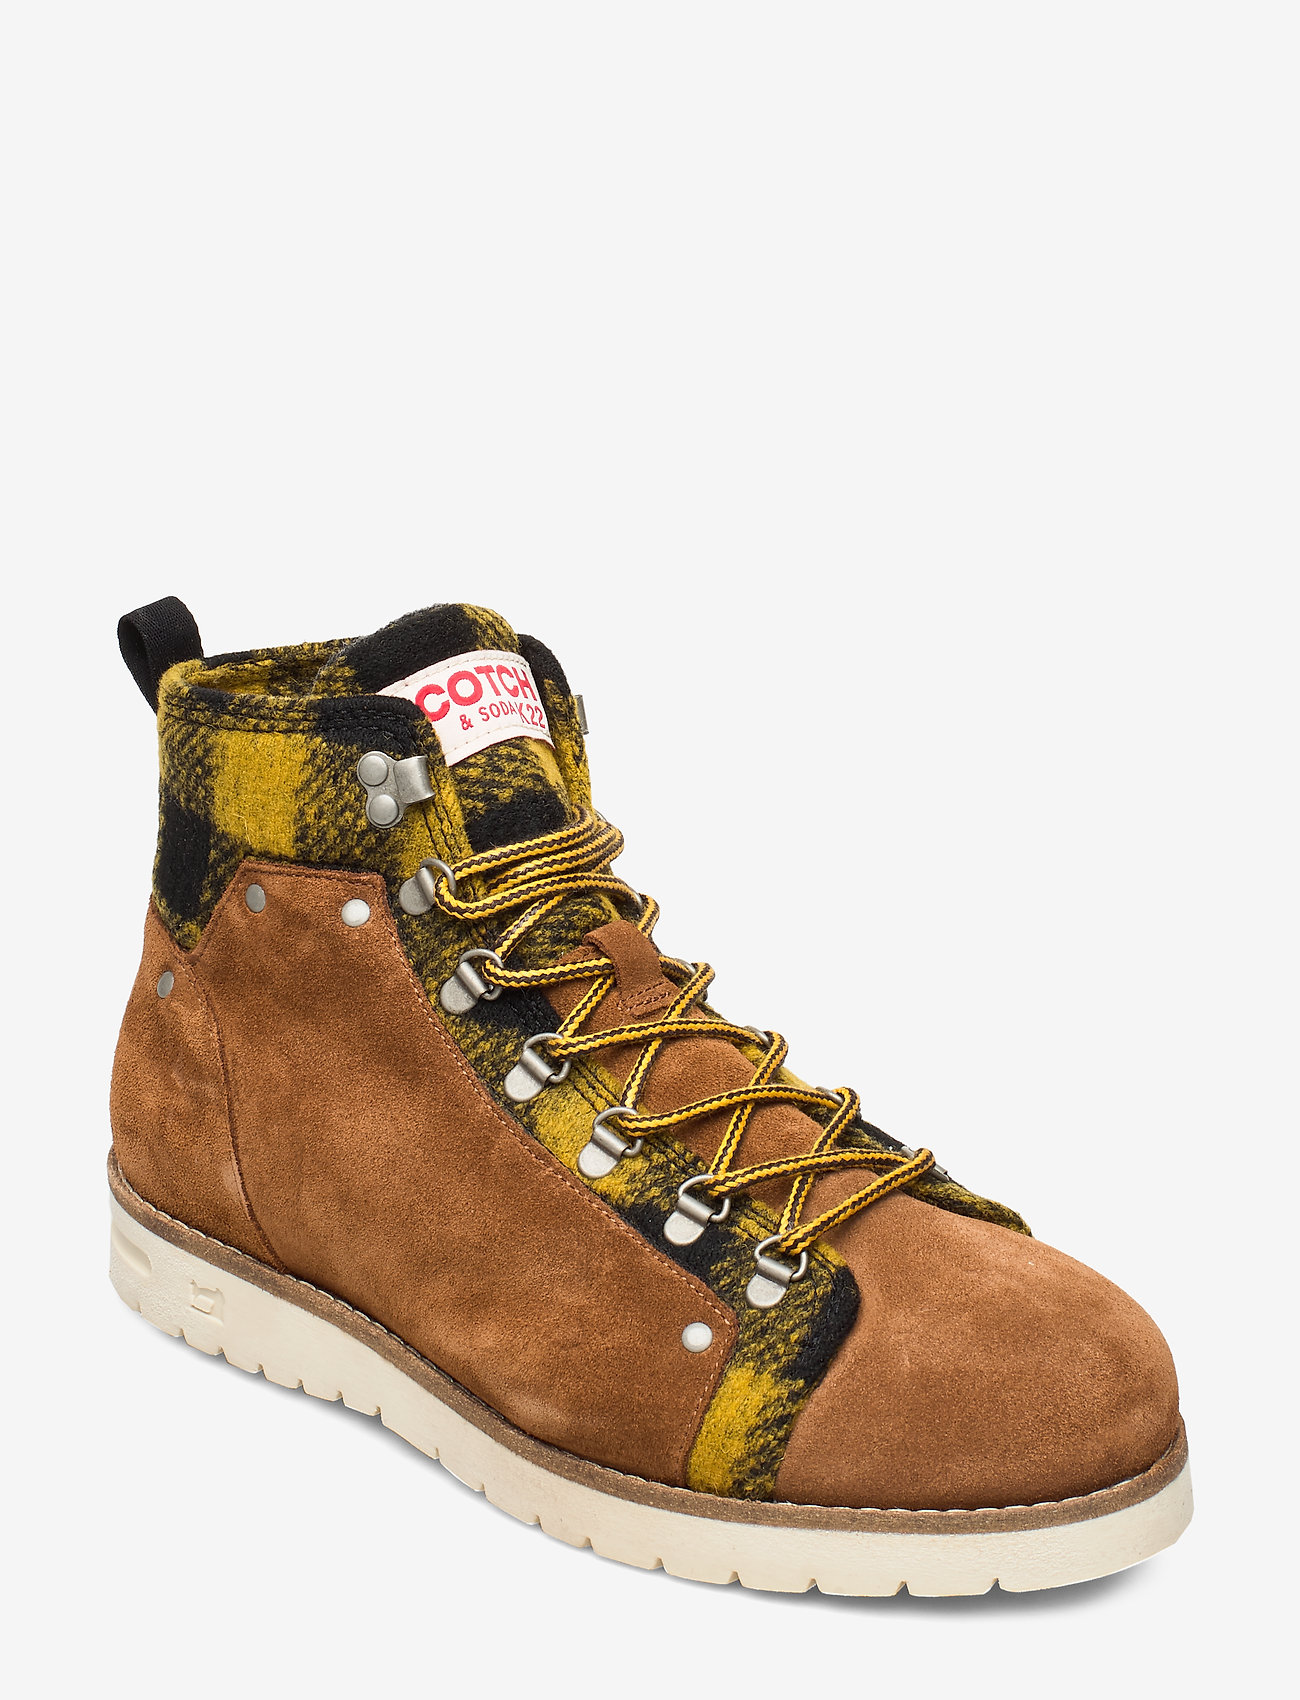 Scotch & Soda Shoes - Borrel Mid laceboot - laced boots - cognac+blk/camel - 0